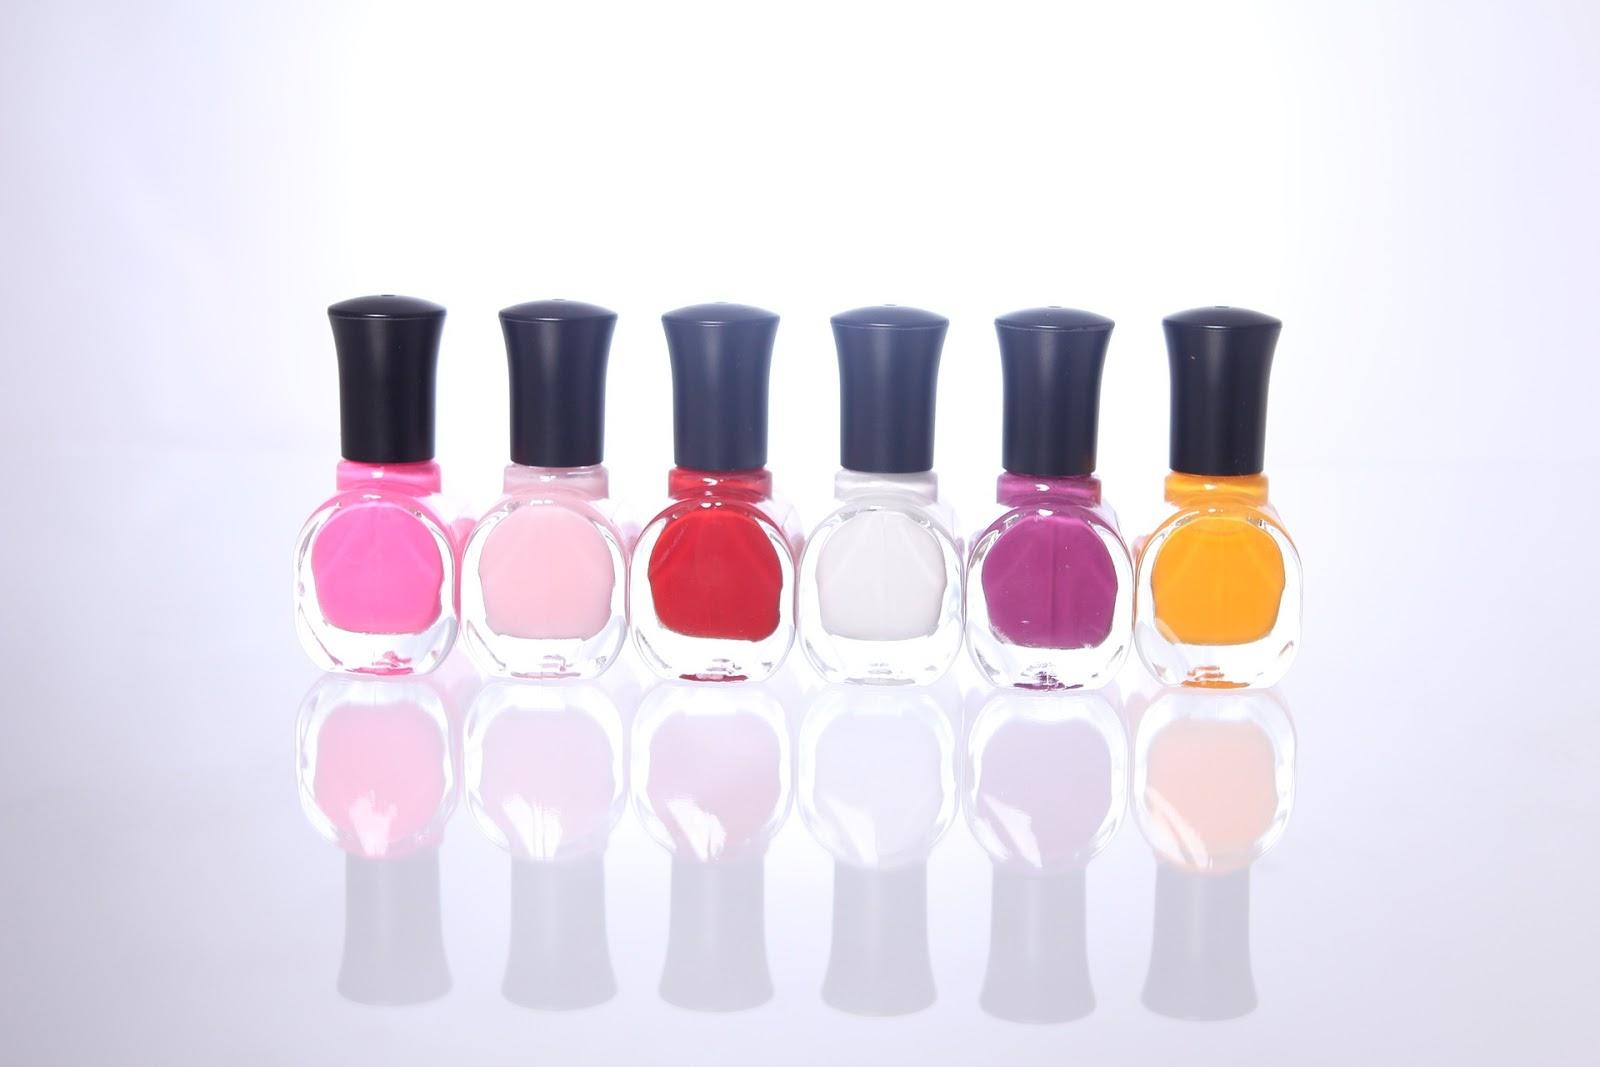 Nail polish by Ellenllyy